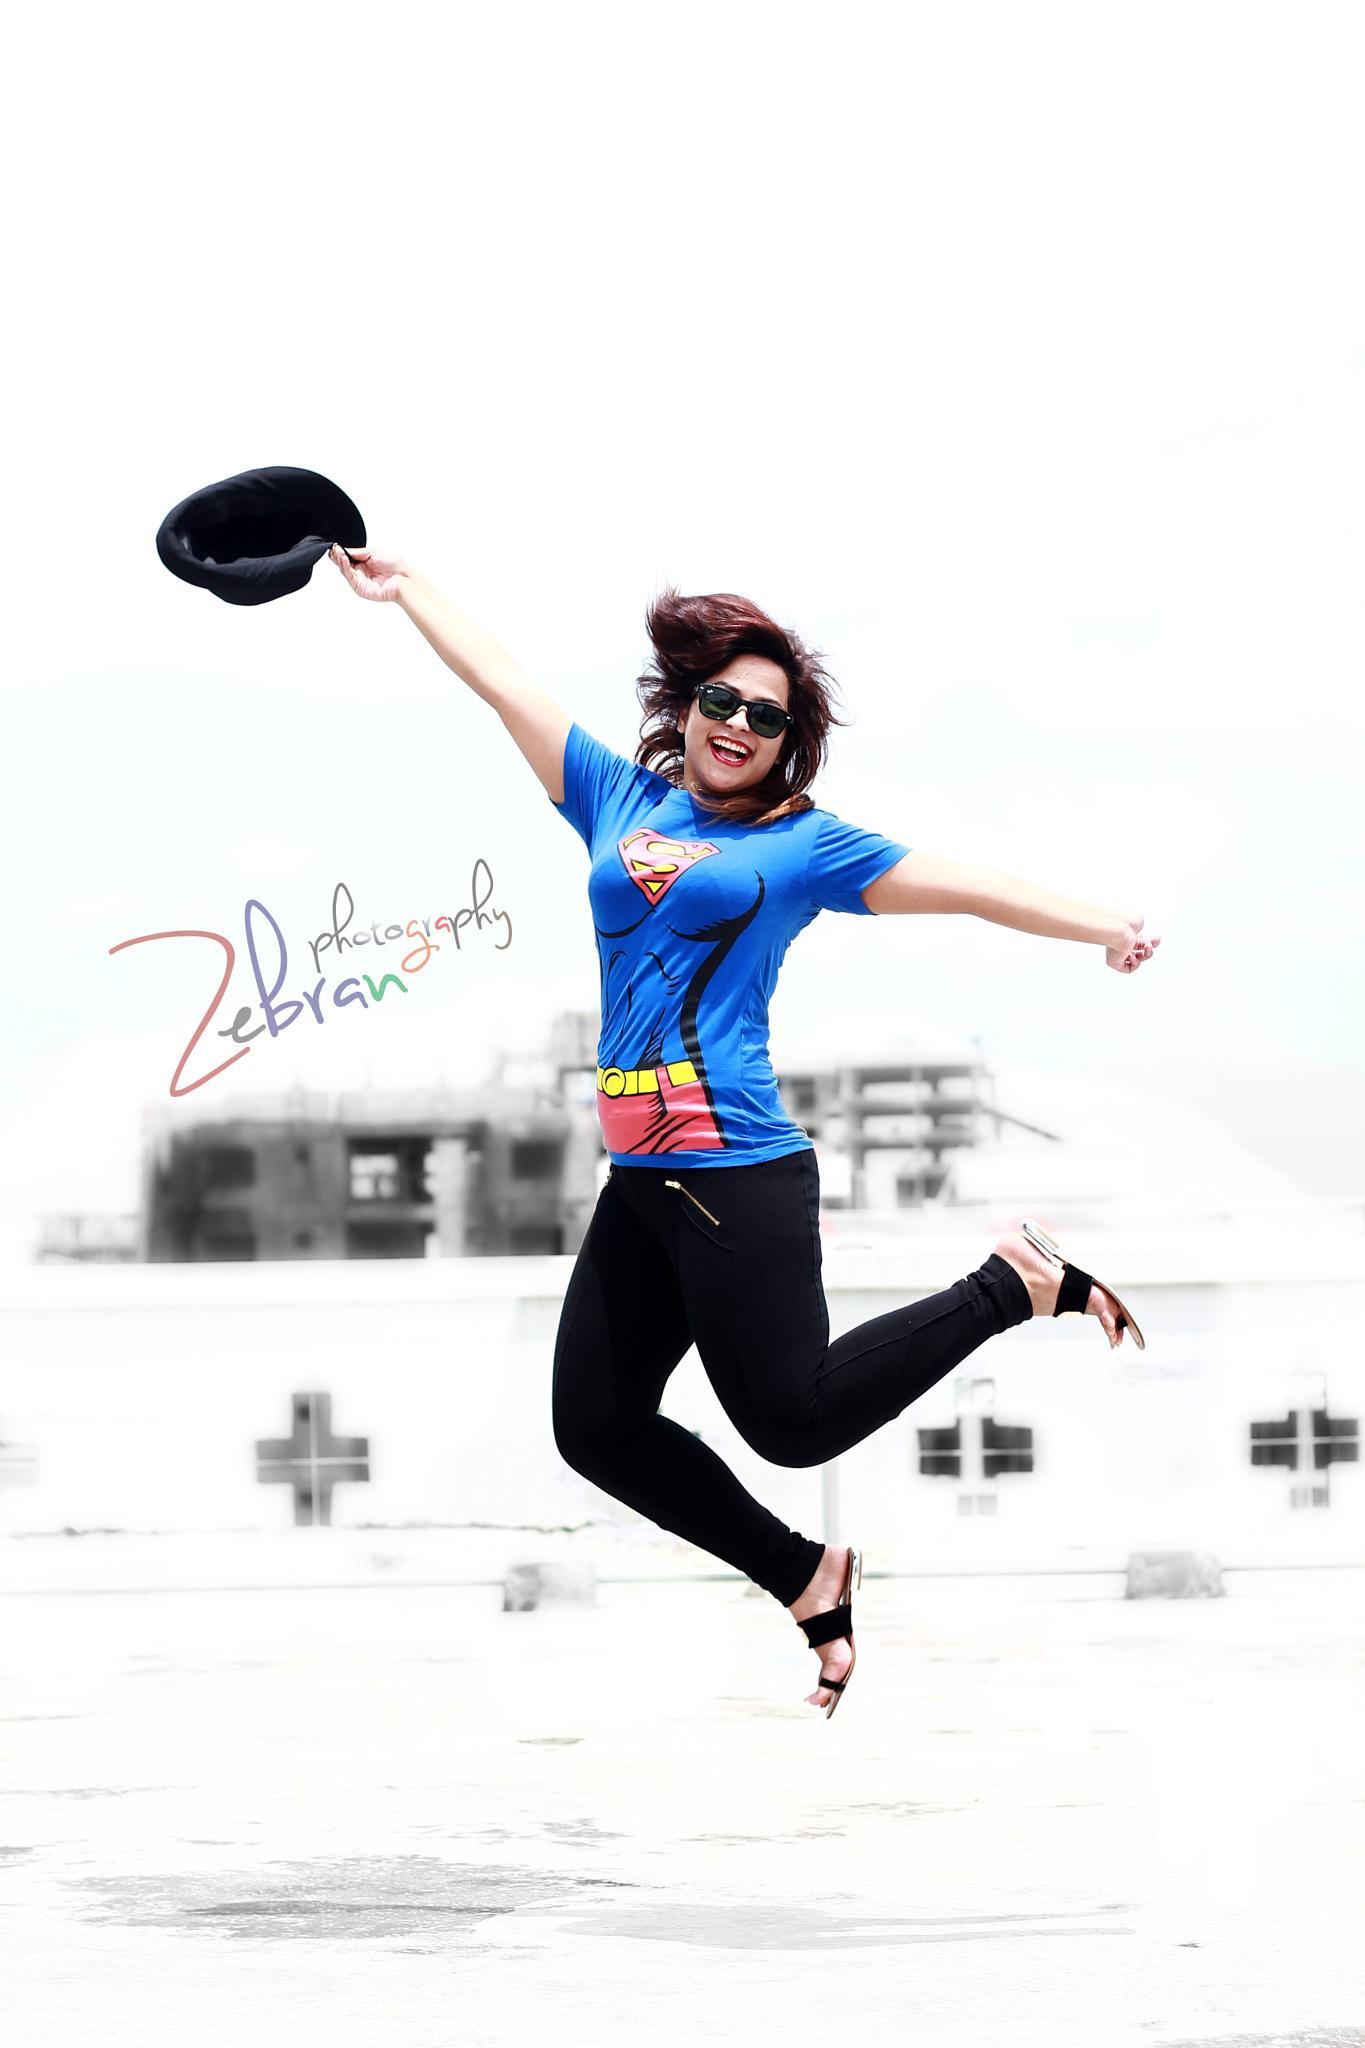 Super Girl by zebran.h.navid